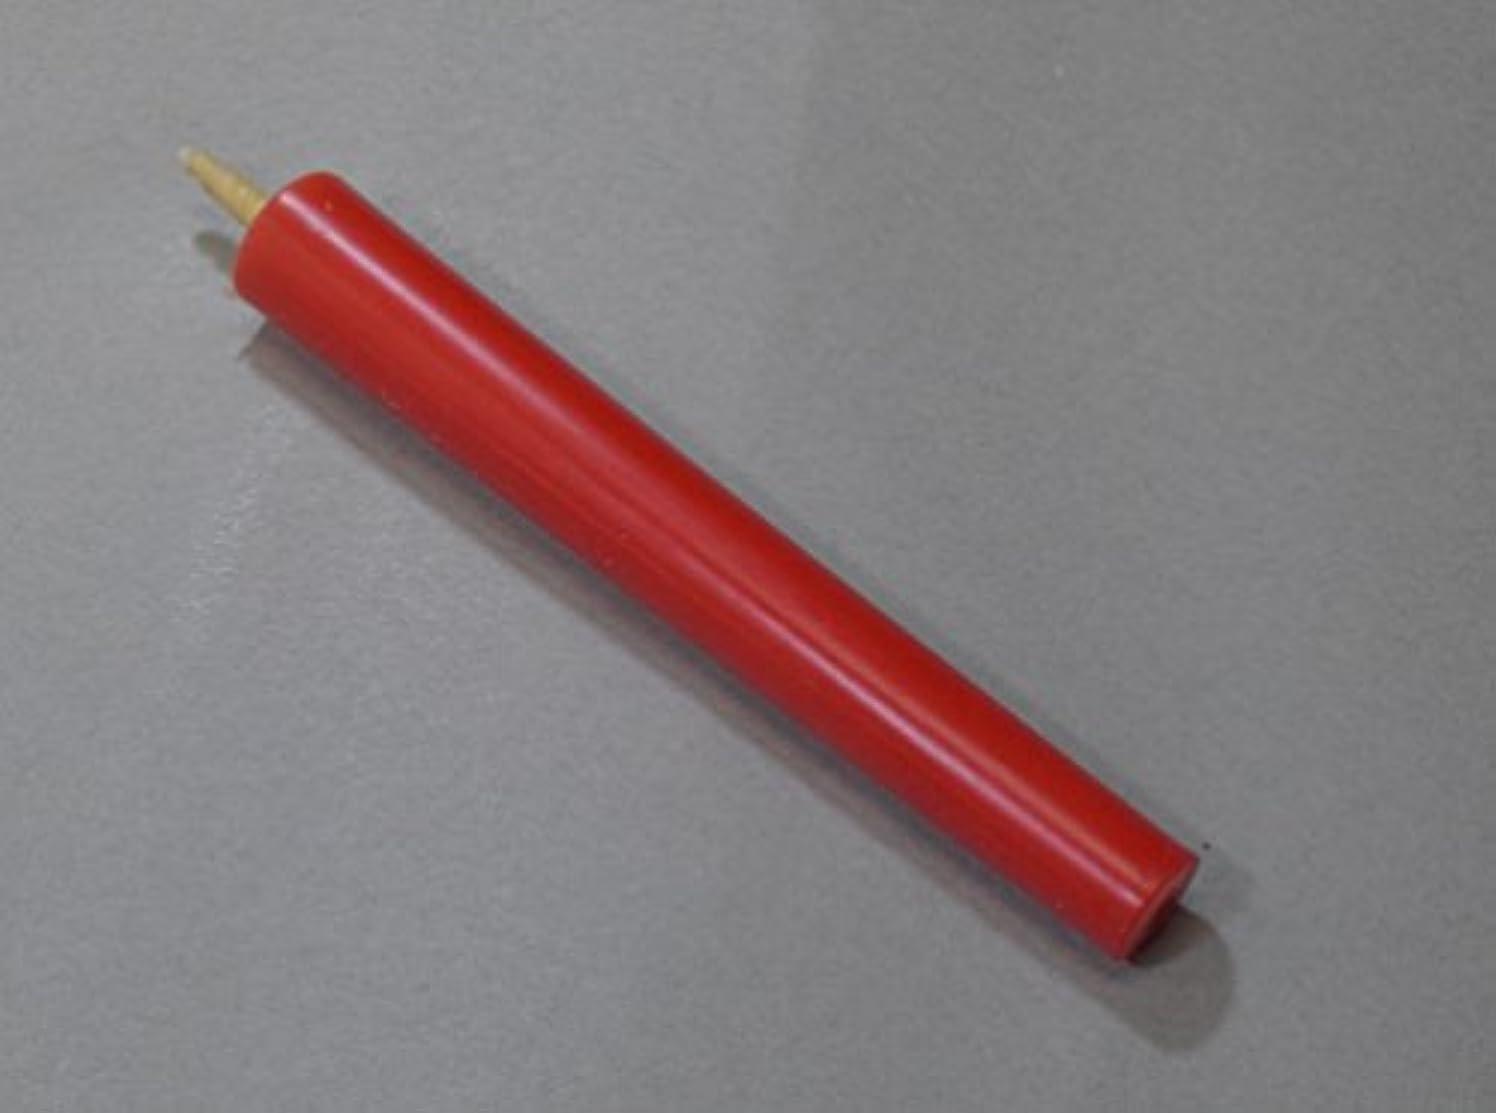 周波数意識しなやか和ろうそく 型和蝋燭 ローソク【朱】 棒 10号 朱色 10本入り 約16.5センチ 約2時間40分燃焼